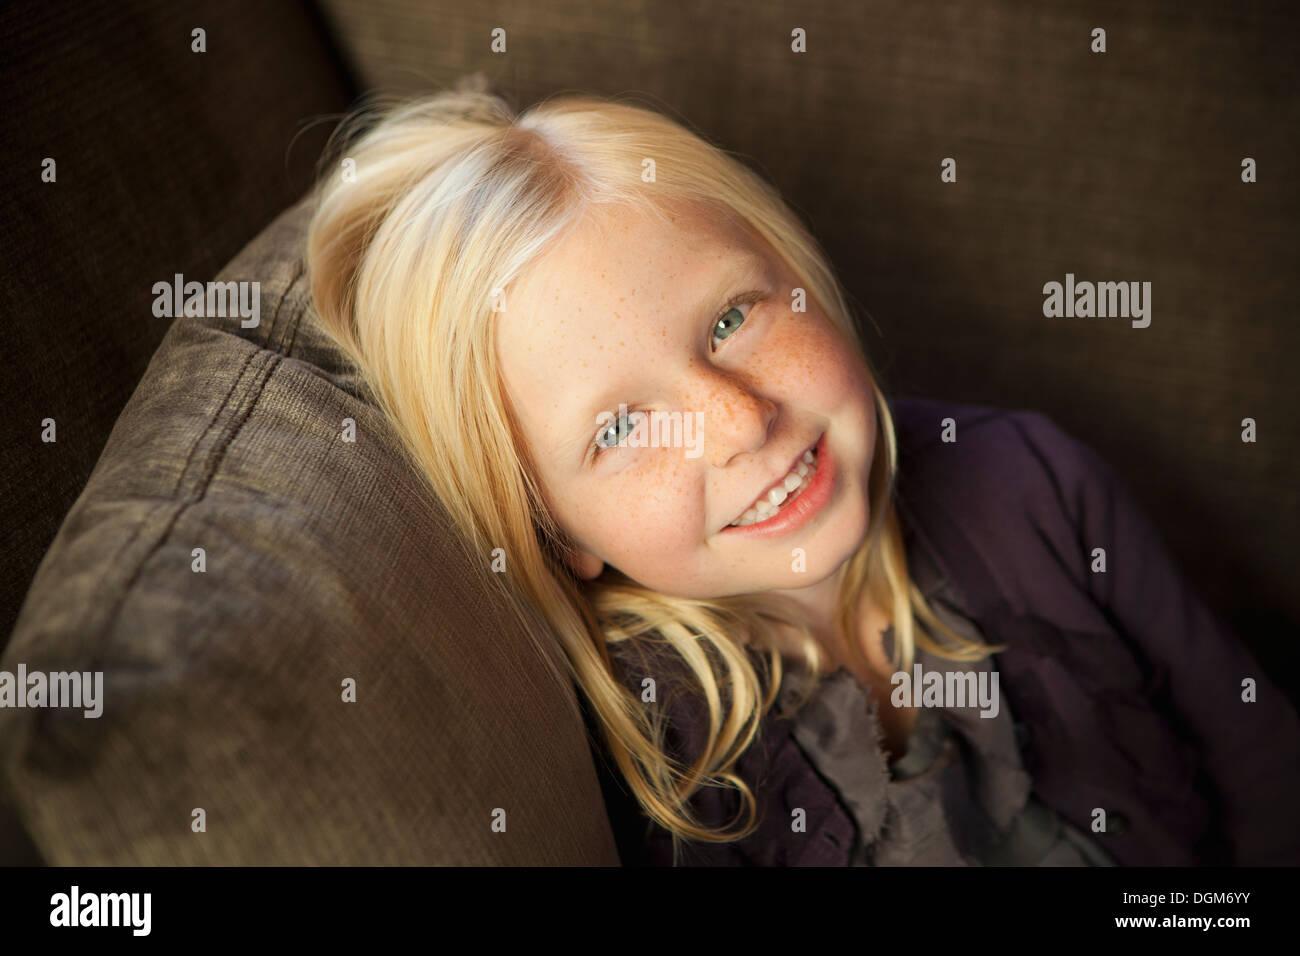 Ein Mädchen sitzt auf einer Couch, lächelnd in die Kamera. Stockfoto